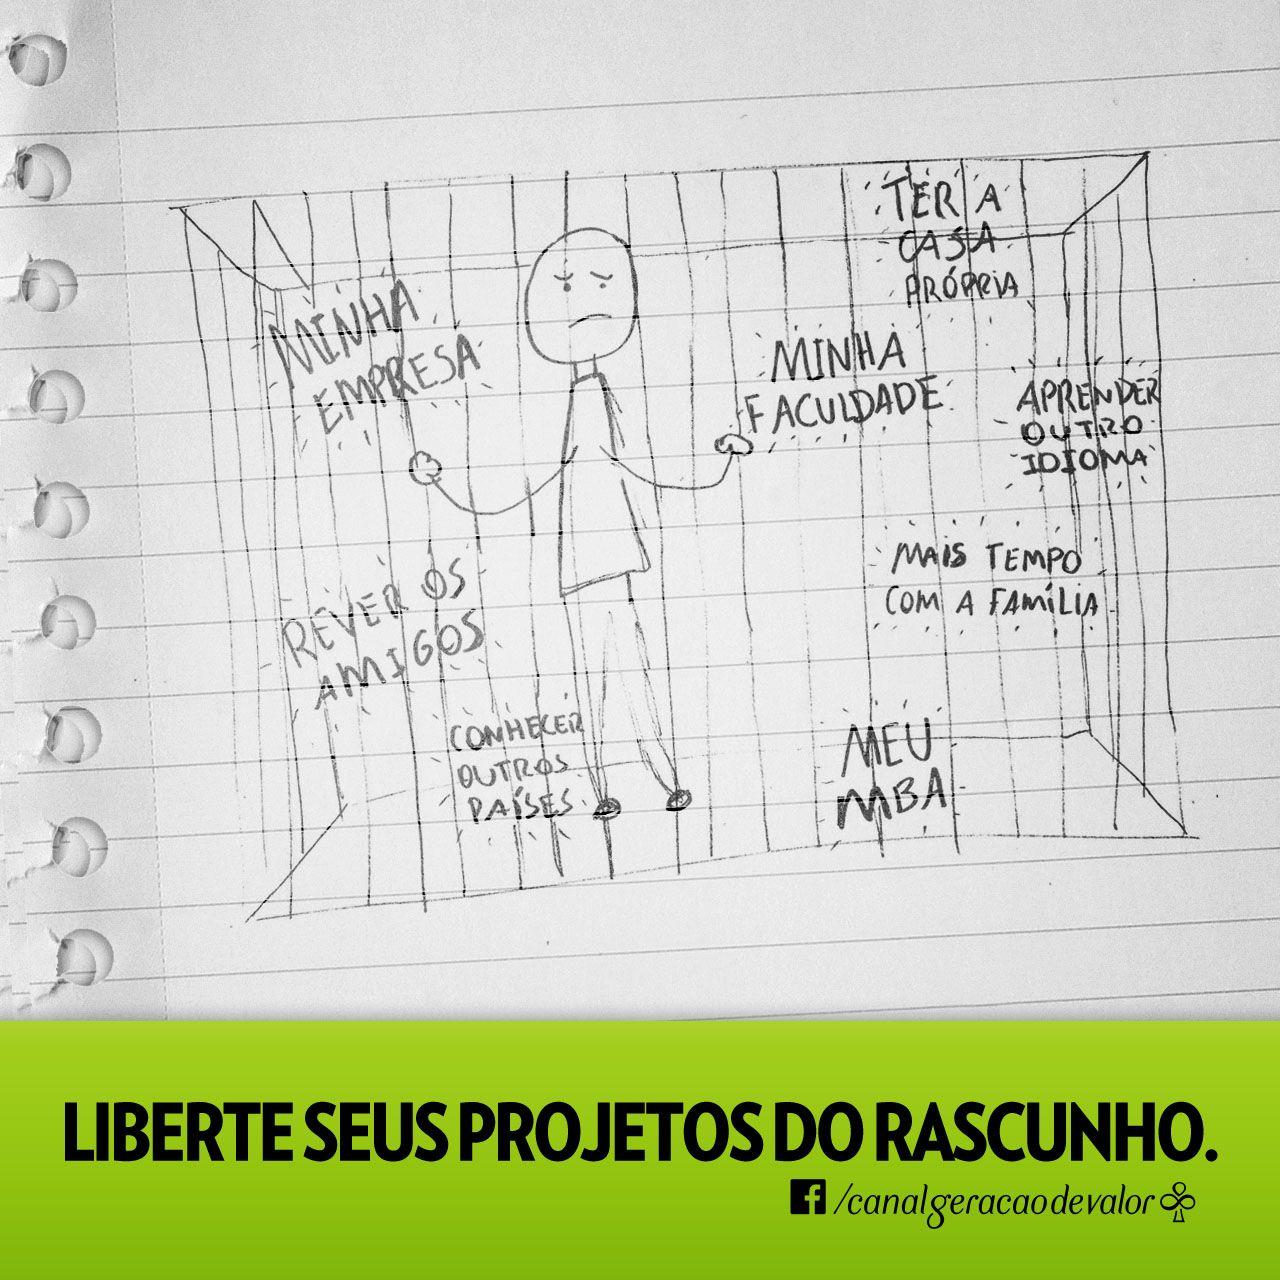 GV583 on Blog Geração de Valor    http://cdn.geracaodevalor.com/wp-content/uploads/2014/01/GV583.jpg